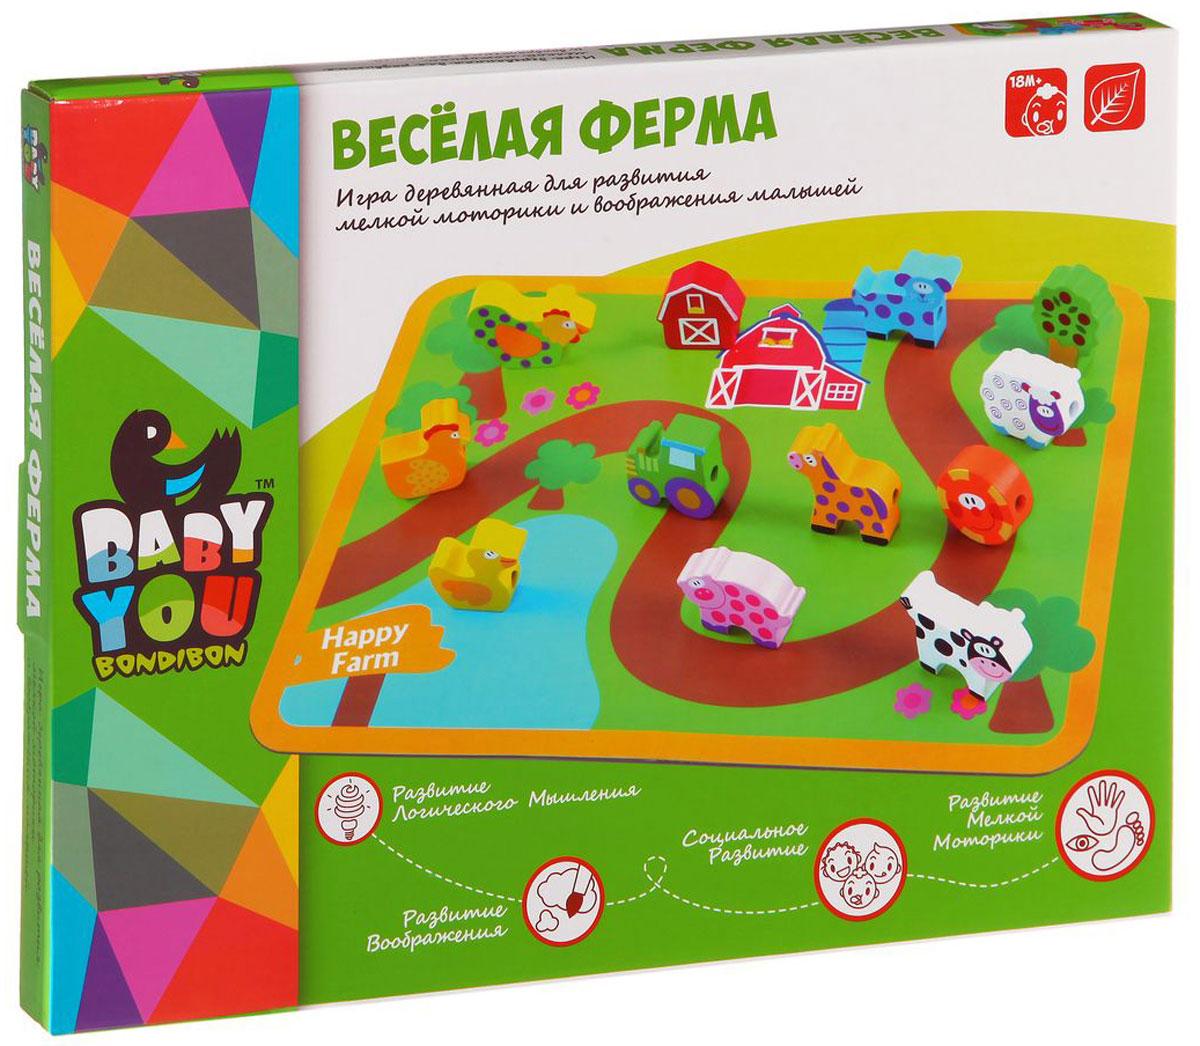 Bondibon Обучающая игра Веселая ферма barneybuddy barneybuddy игрушки для ванны стикеры веселая ферма